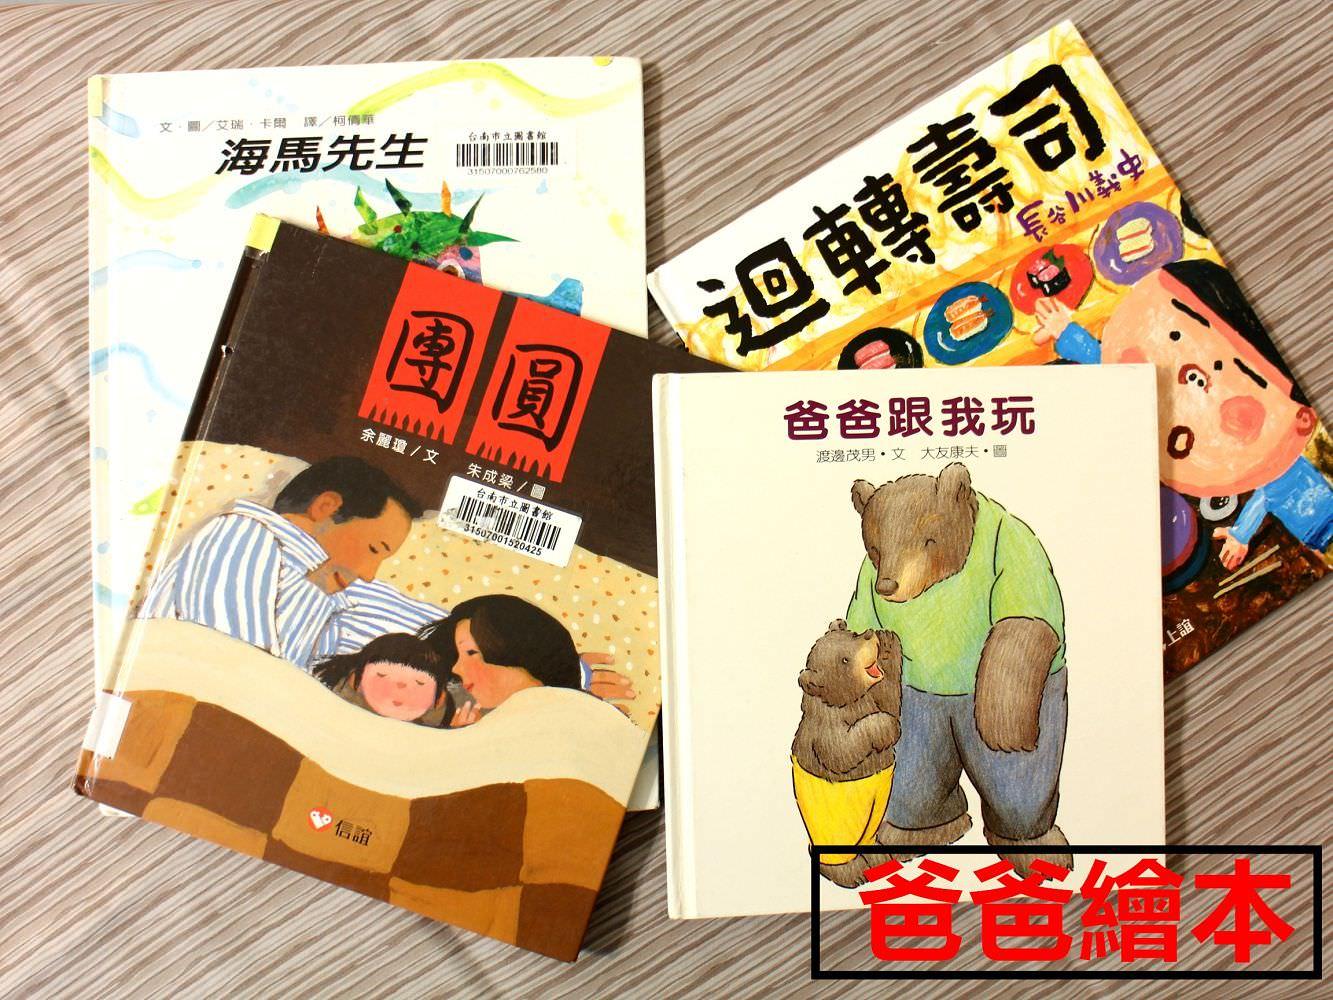 主題書單︱誰說沒有關於爸爸的繪本,5本可和孩子互動的好書,爸爸跟我玩|海馬先生|團圓|雨傘|迴轉壽司